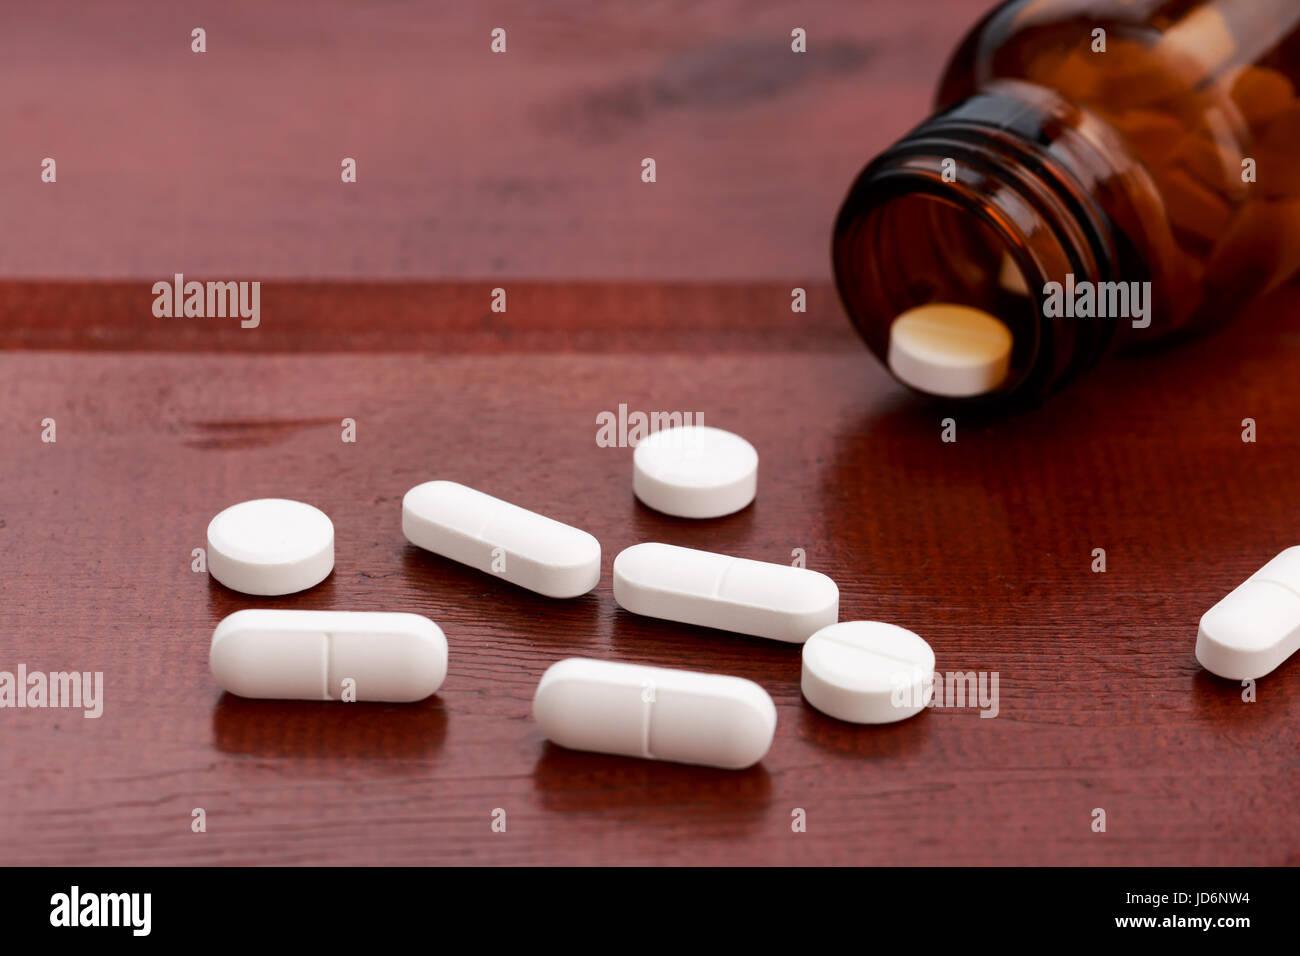 Les bouteilles de pilules brun et tas de pilules blanches sur la table en bois Photo Stock